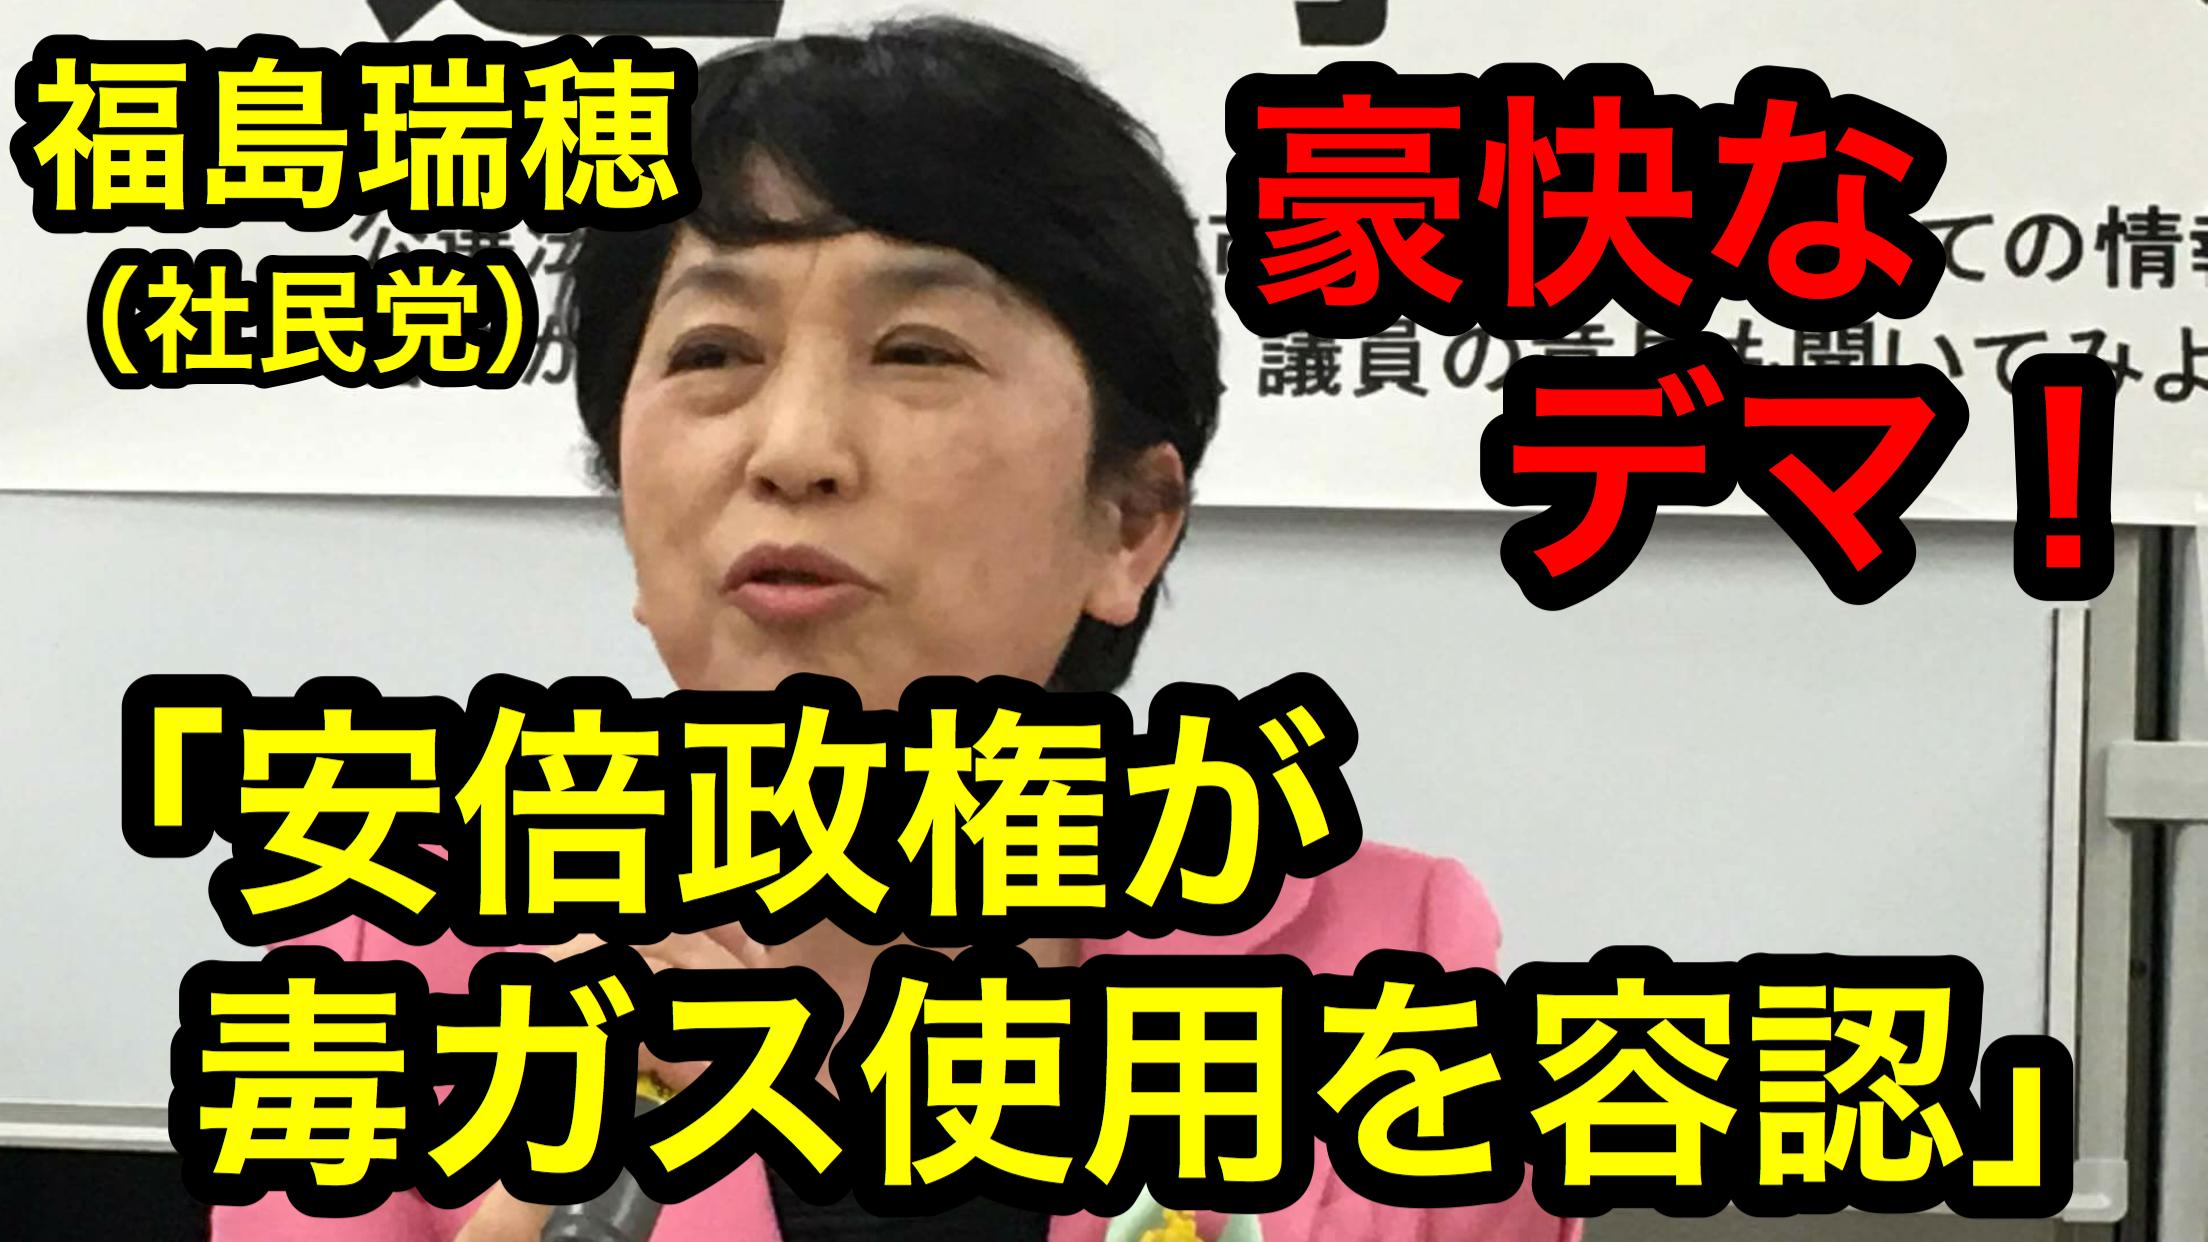 福島瑞穂がデマ拡散「安倍政権が毒ガス容認」